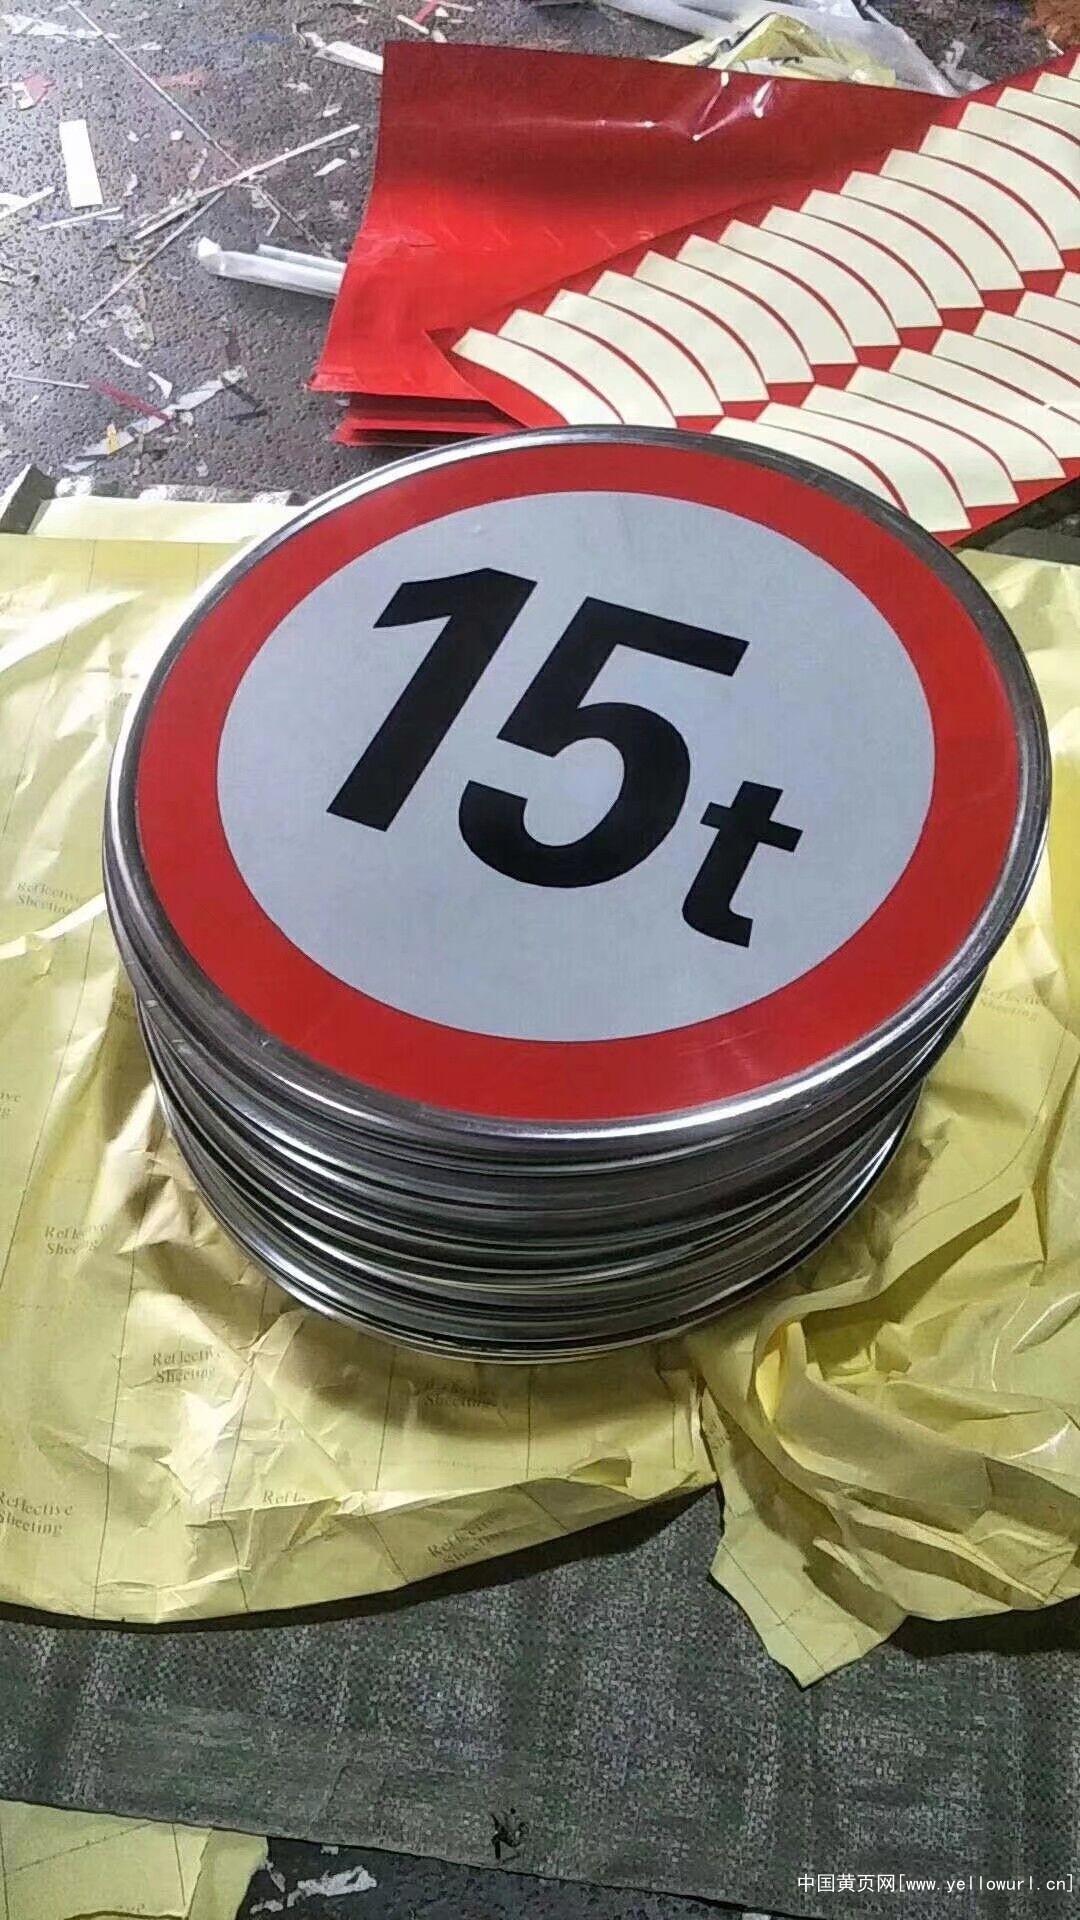 宁波交通标志牌限速道路警告停车场指示牌安全禁止限高标识定制